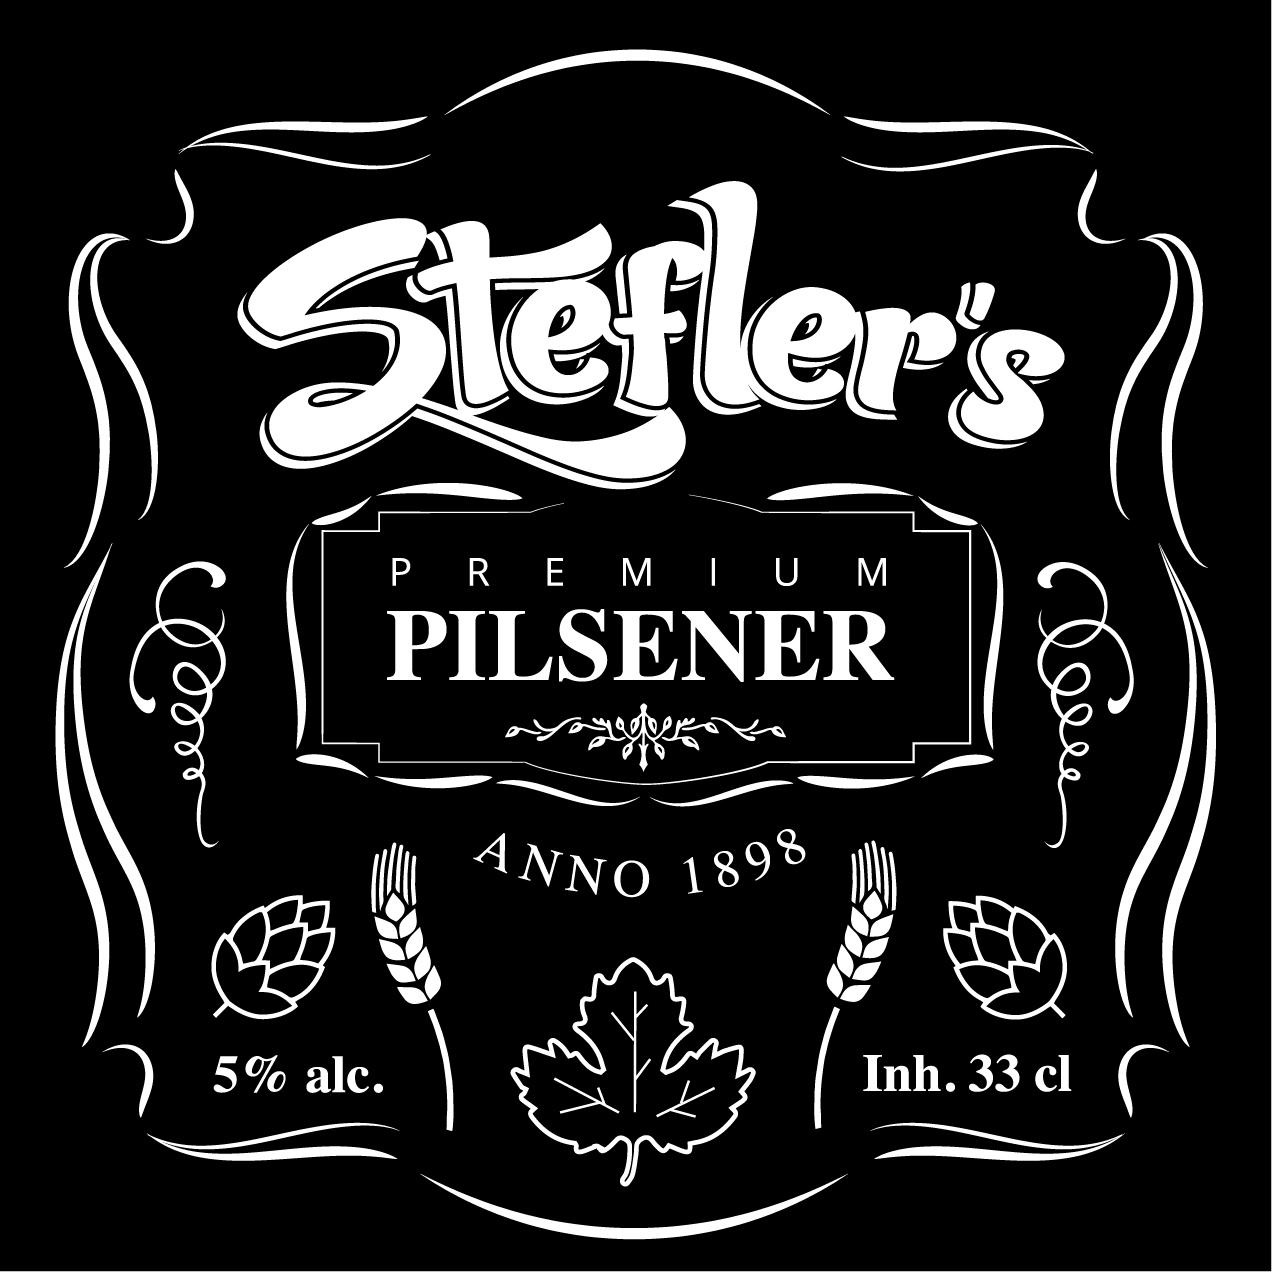 Steflers-pilsener-etiket-ontwerp.jpg